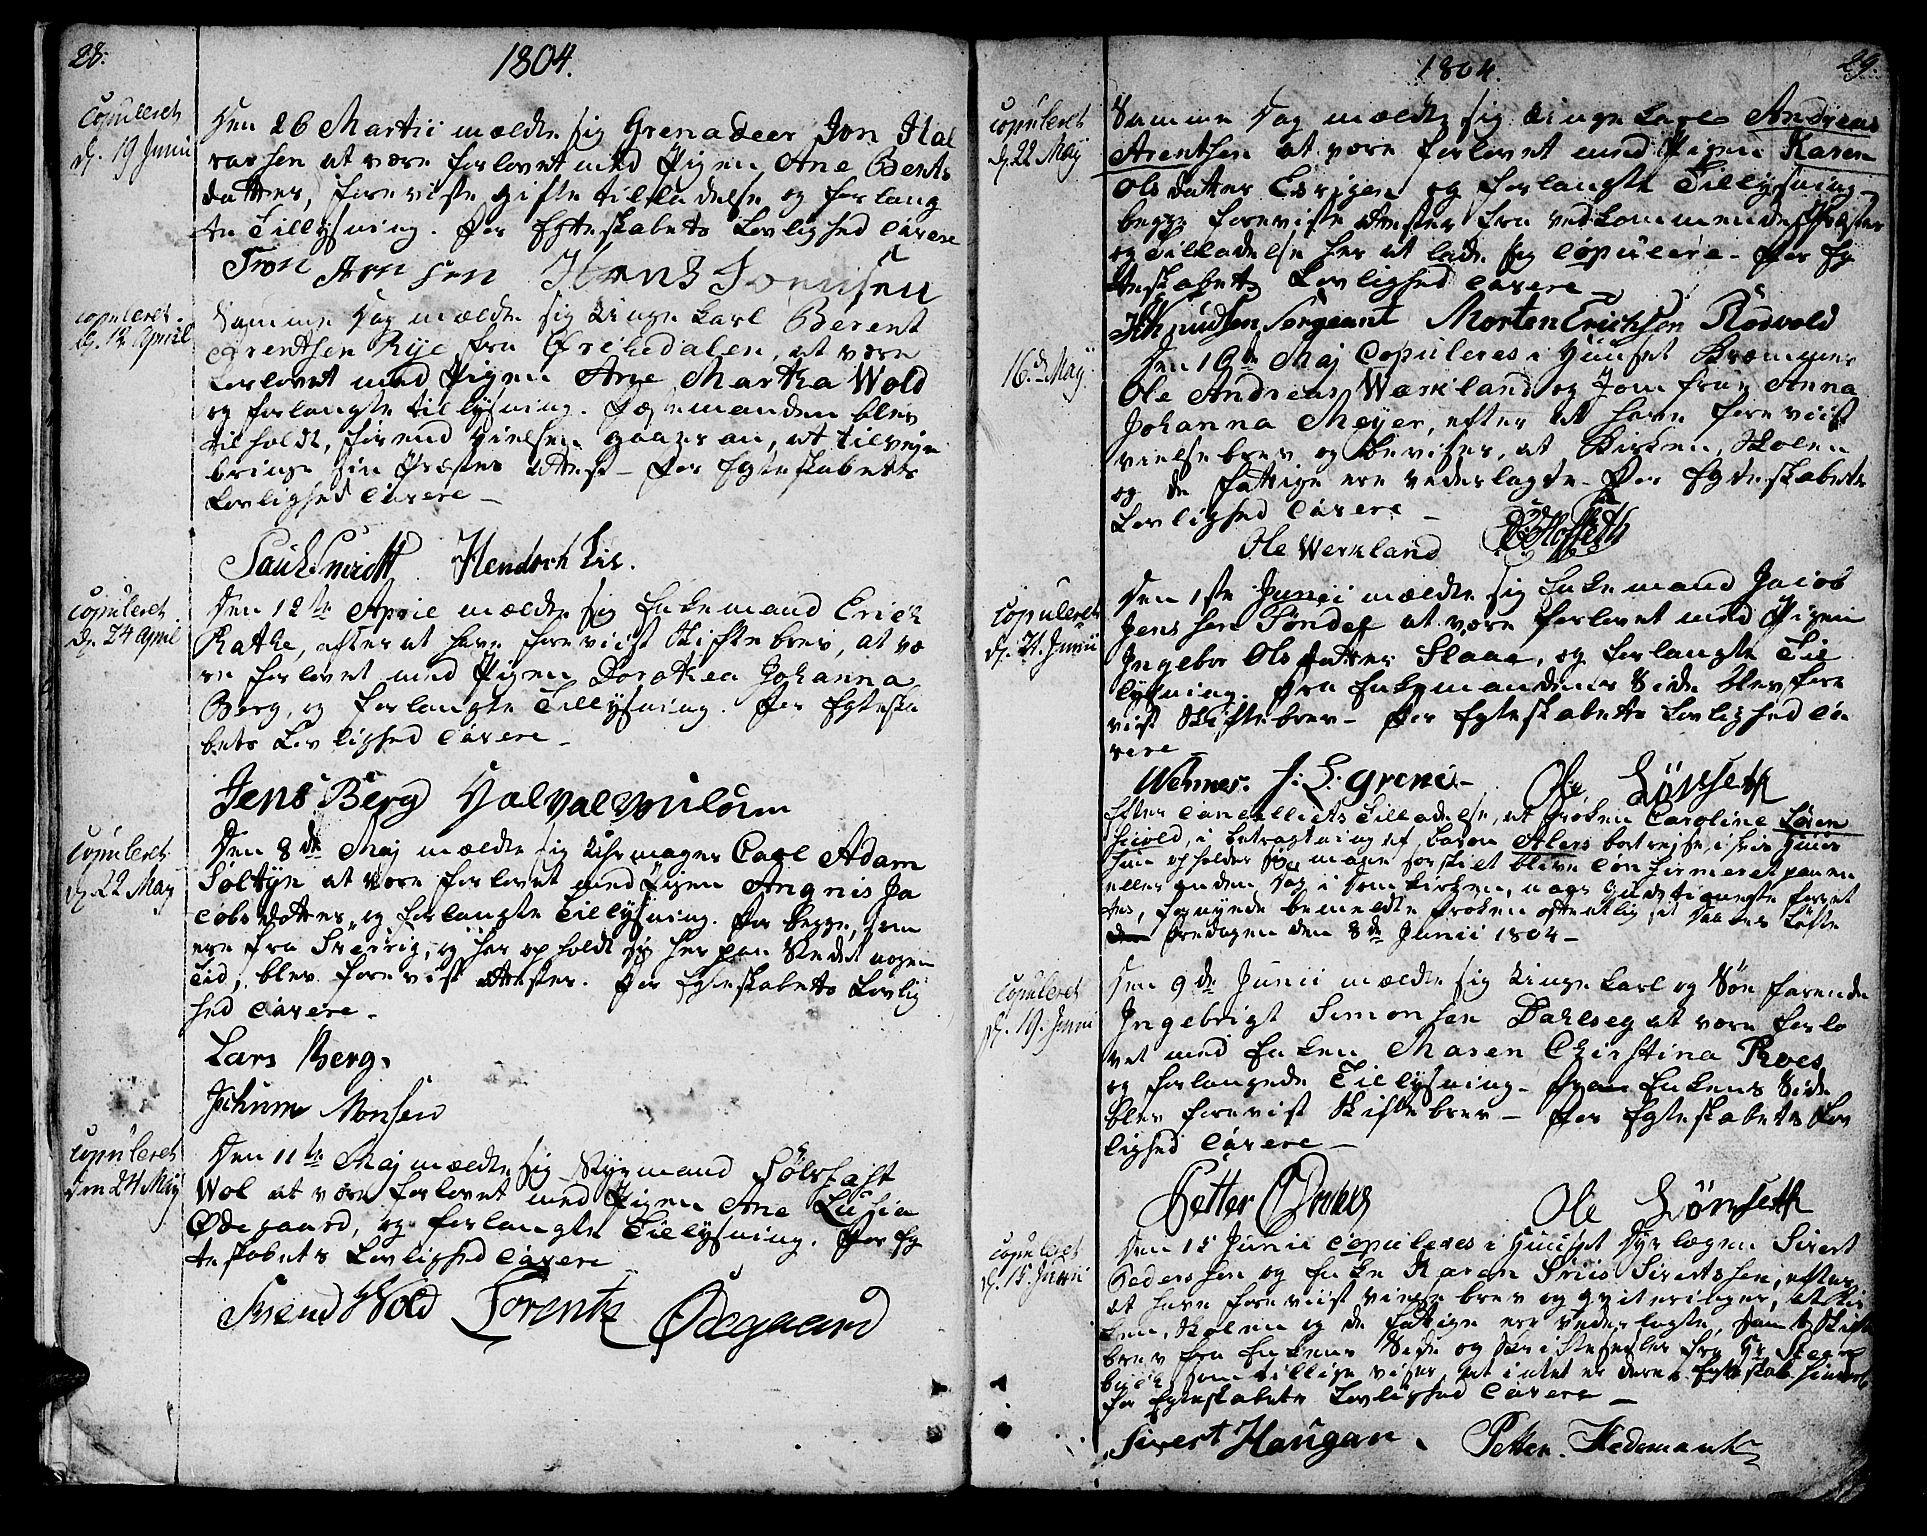 SAT, Ministerialprotokoller, klokkerbøker og fødselsregistre - Sør-Trøndelag, 601/L0042: Ministerialbok nr. 601A10, 1802-1830, s. 28-29